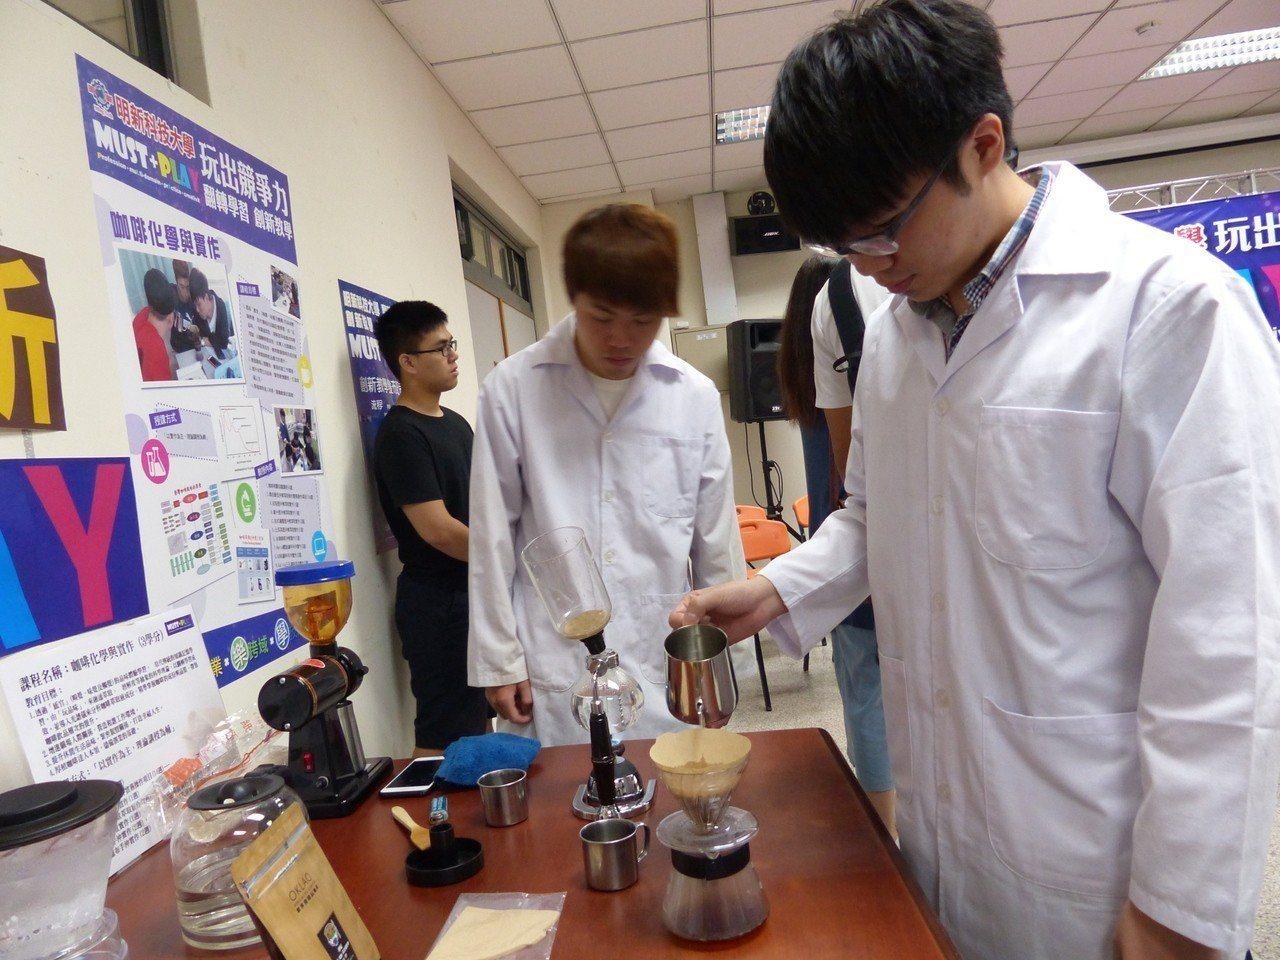 生活化的「咖啡化學解析」,利用光學儀檢測咖啡,學習咖啡化學結構同時學會儀器操作。...